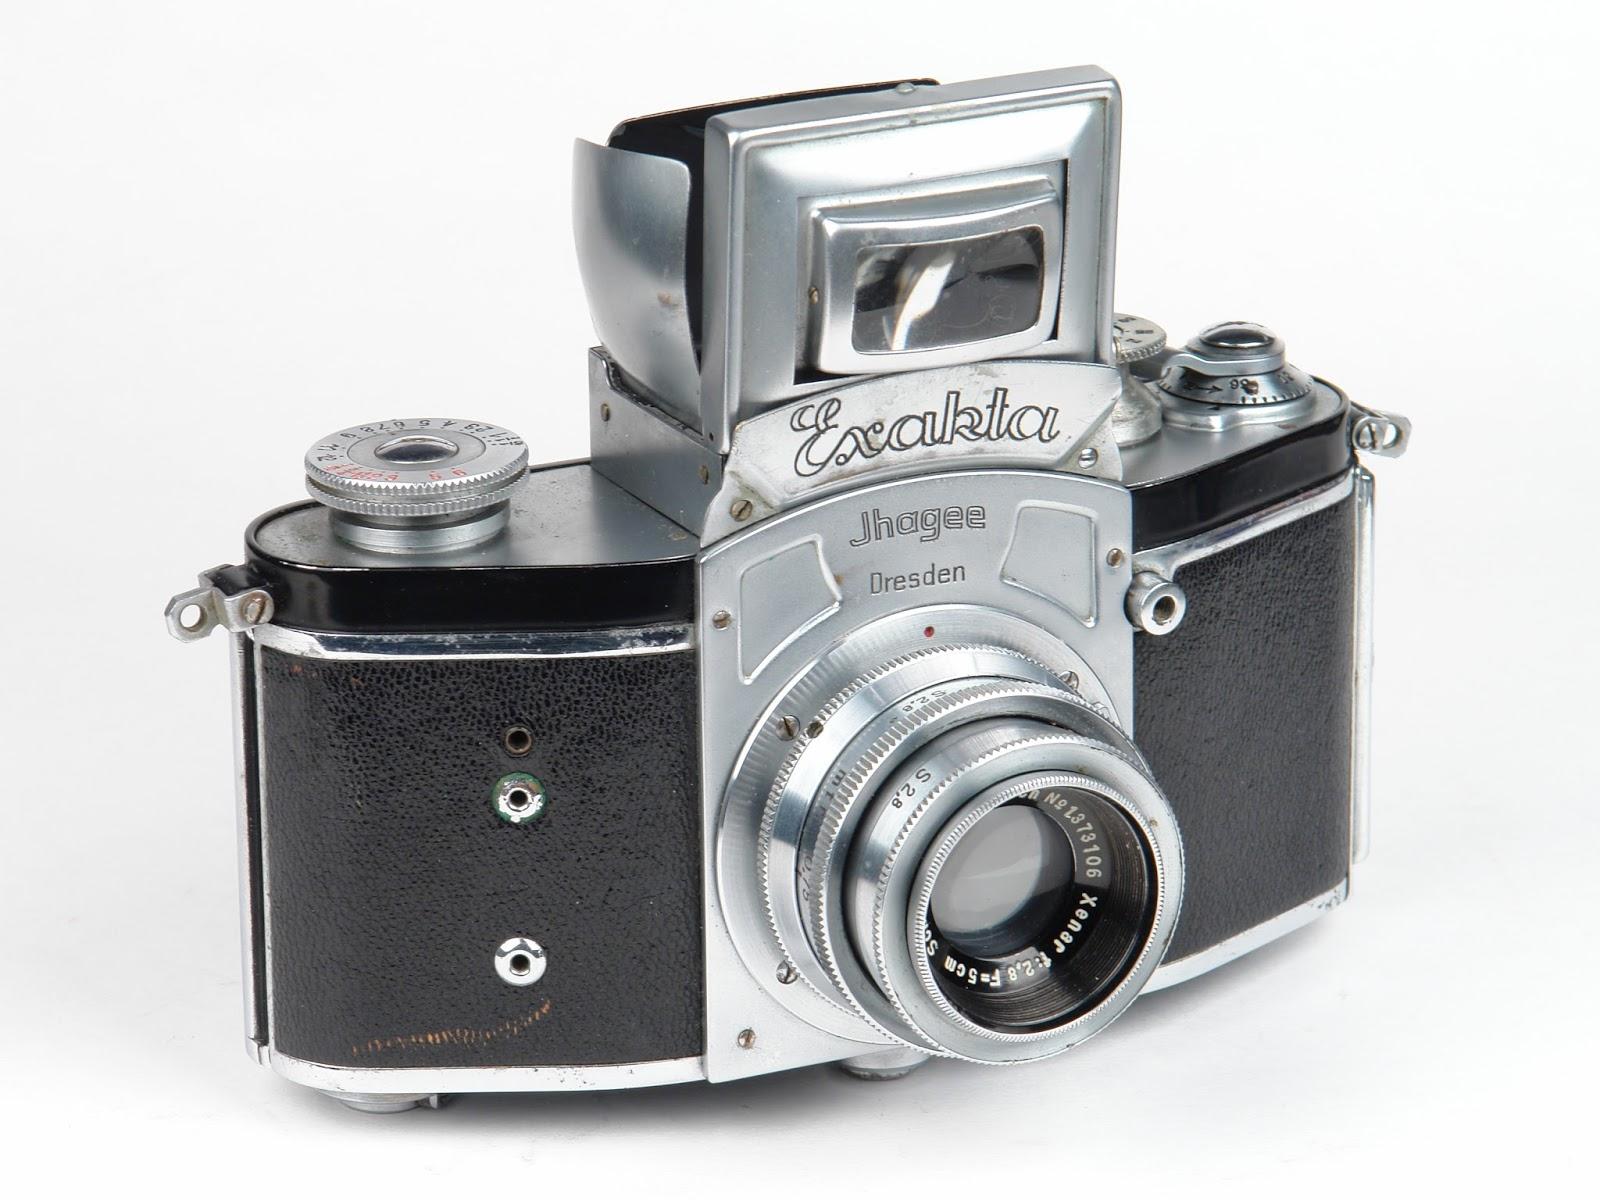 Franke & heidecke rolleiflex membuat kamera pertama menggunakan refleks praktis dengan nama TLR di tahun 1928 pada tahun 1933 SLR mengalami revolusi di